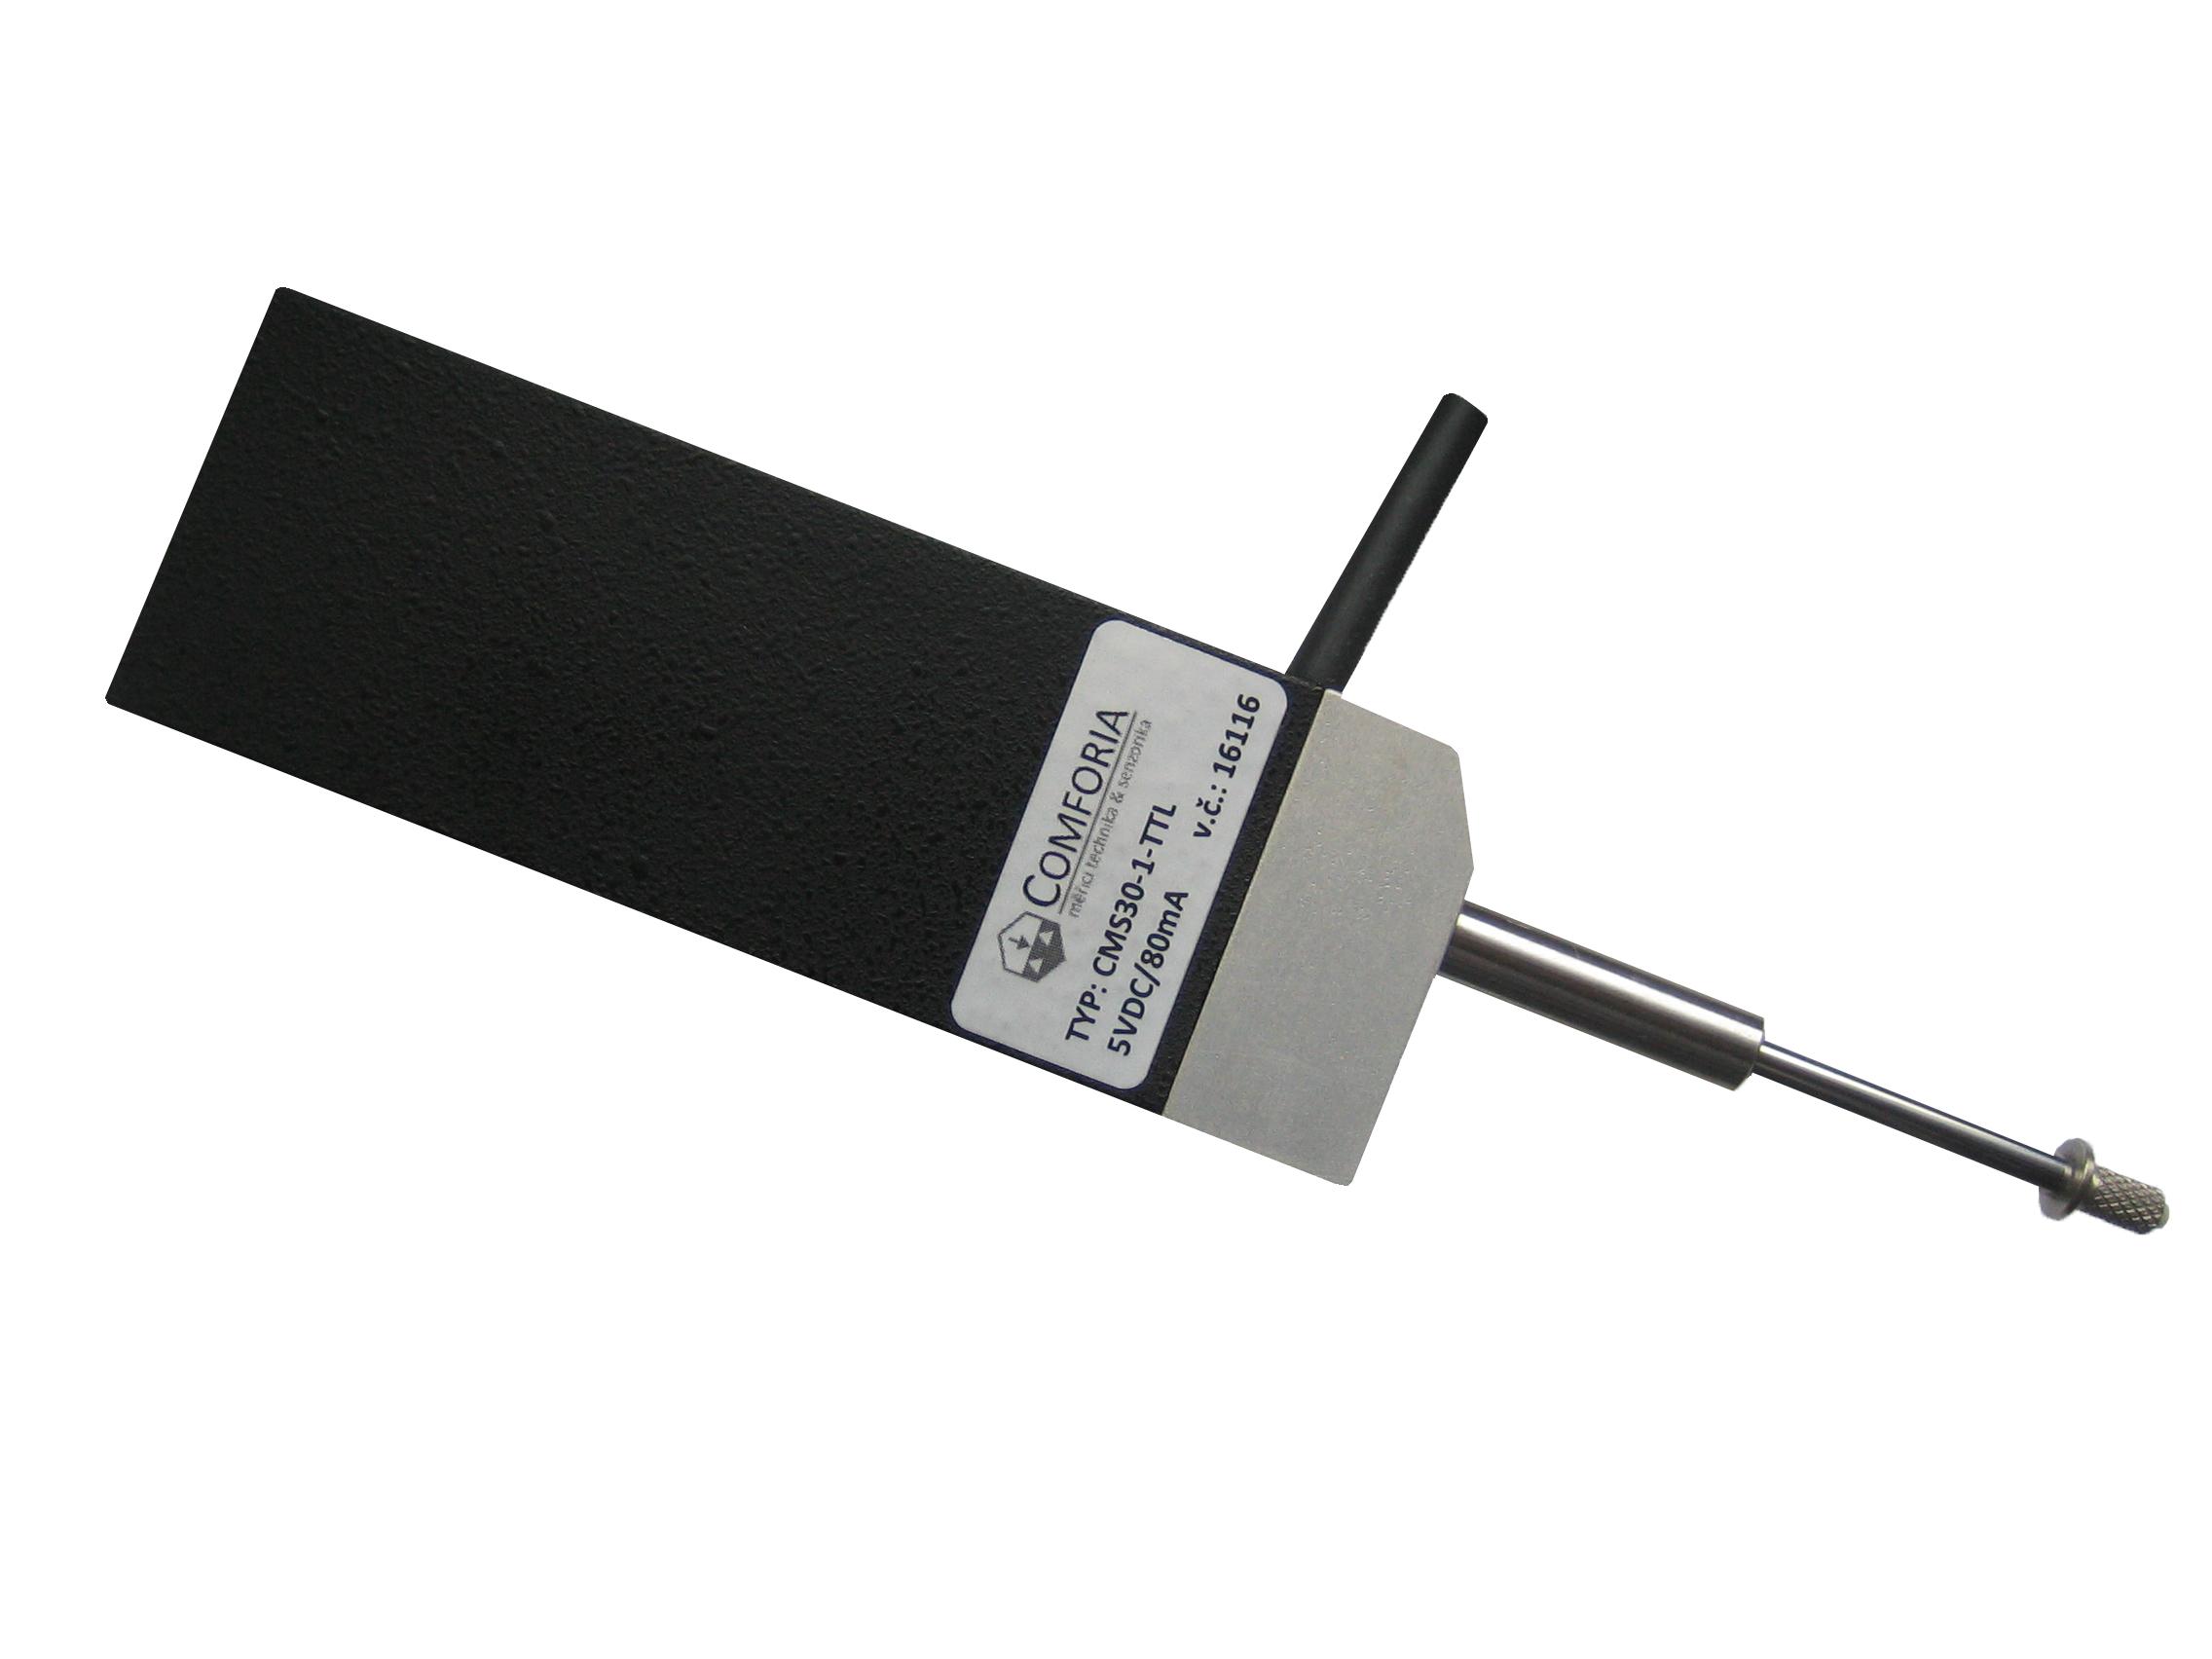 CMS12 - <li>inkrementální měřicí sonda pro přesné odměřování</li> <li>rozsah 12 mm s přesností ±1 µm</li> <li>precizní lineární kuličkové ložisko</li> <li>odpružený měřicí hrot</li> <li>rozlišení 10, 5, 2, 1, 0.5, 0.2 nebo 0.1 µm</li> <li>krytí IP40</li>